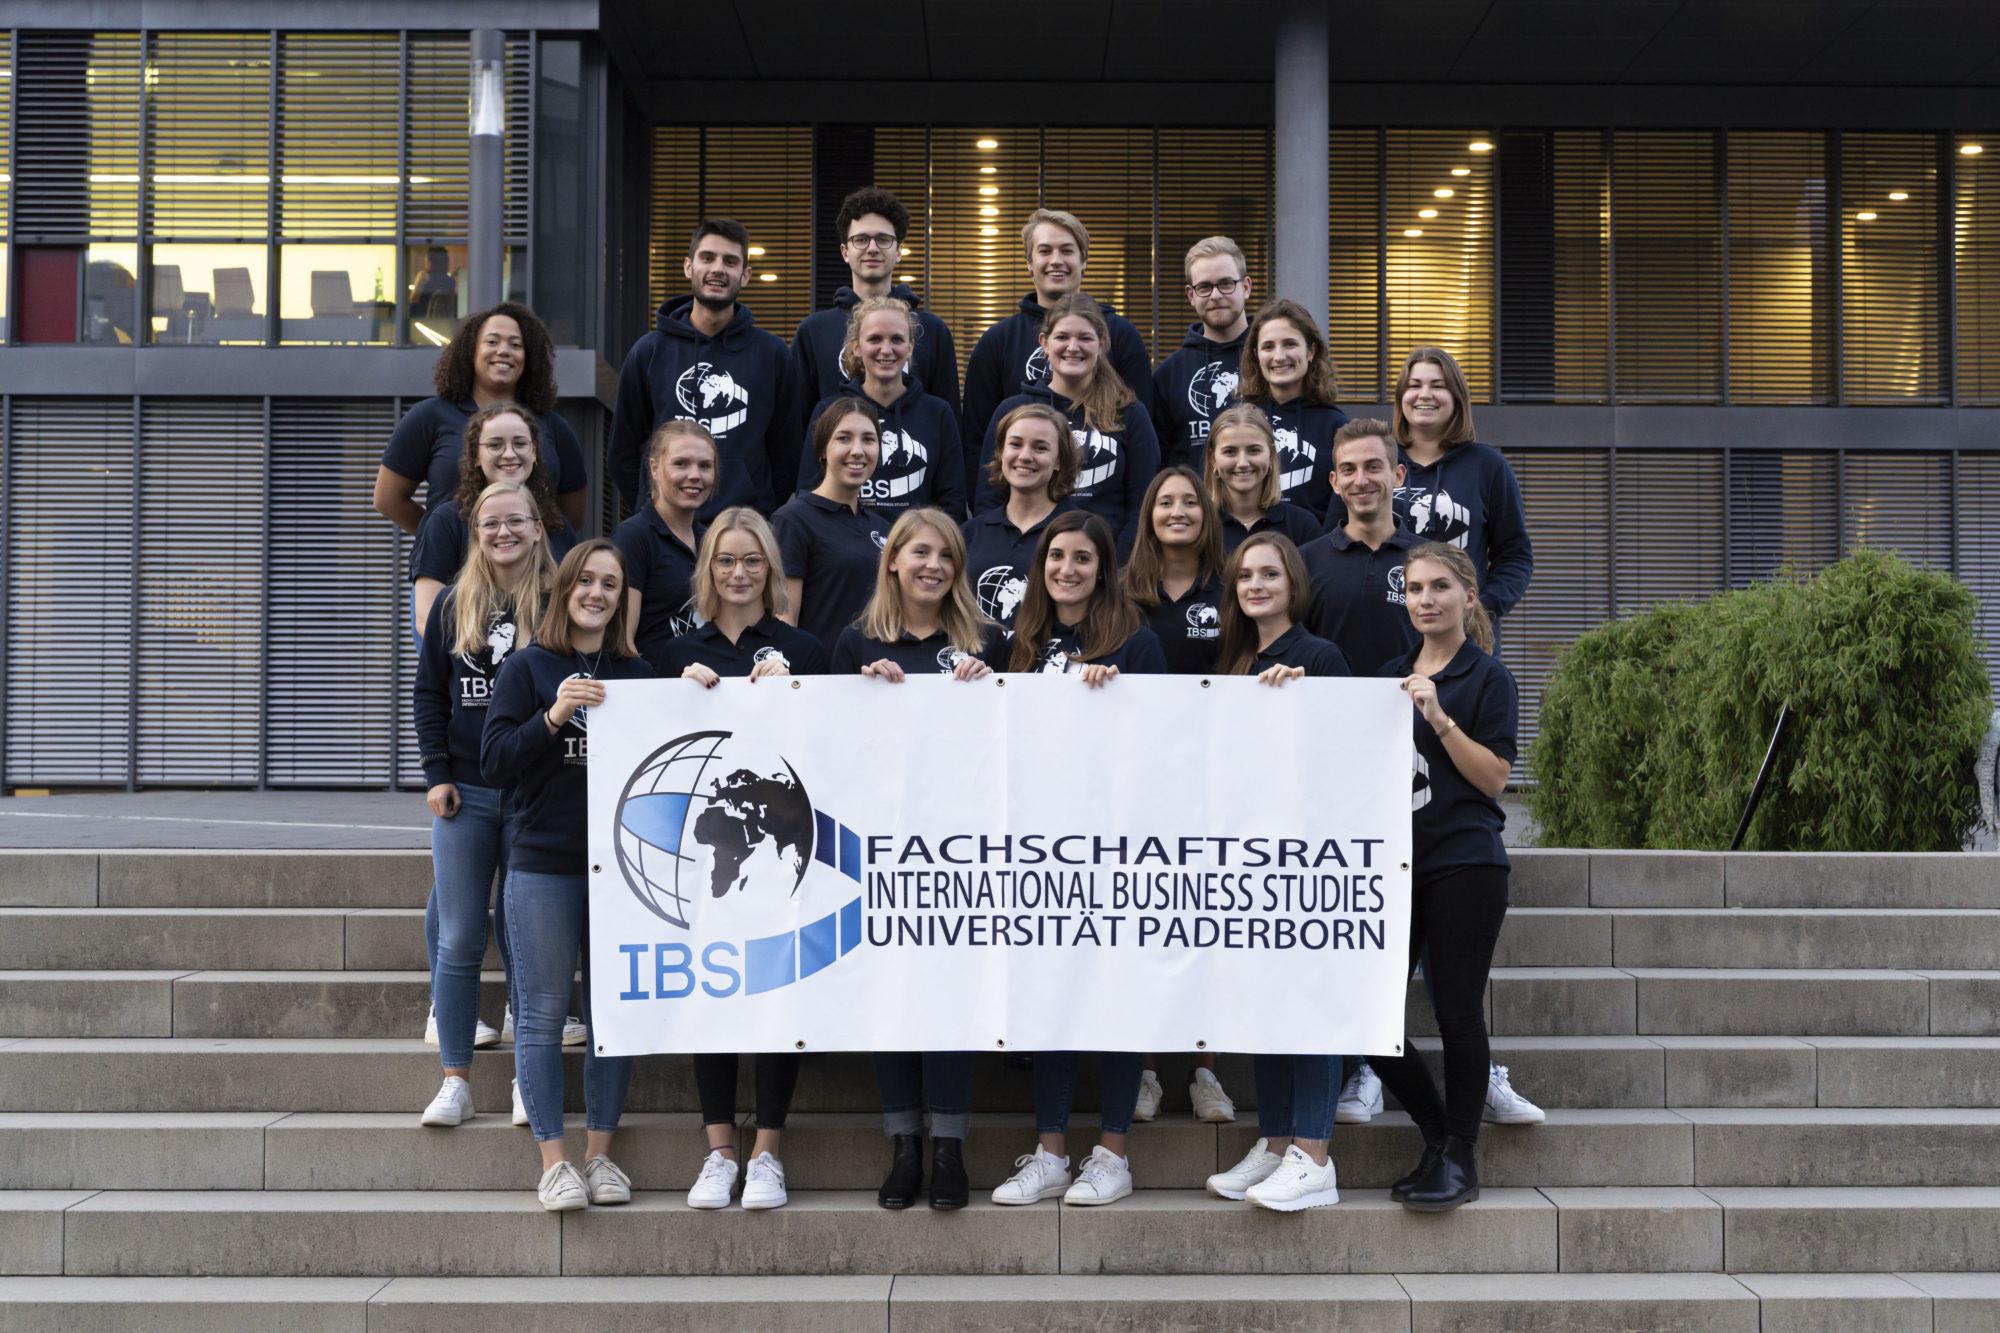 Fachschaftsrat International Business Studies